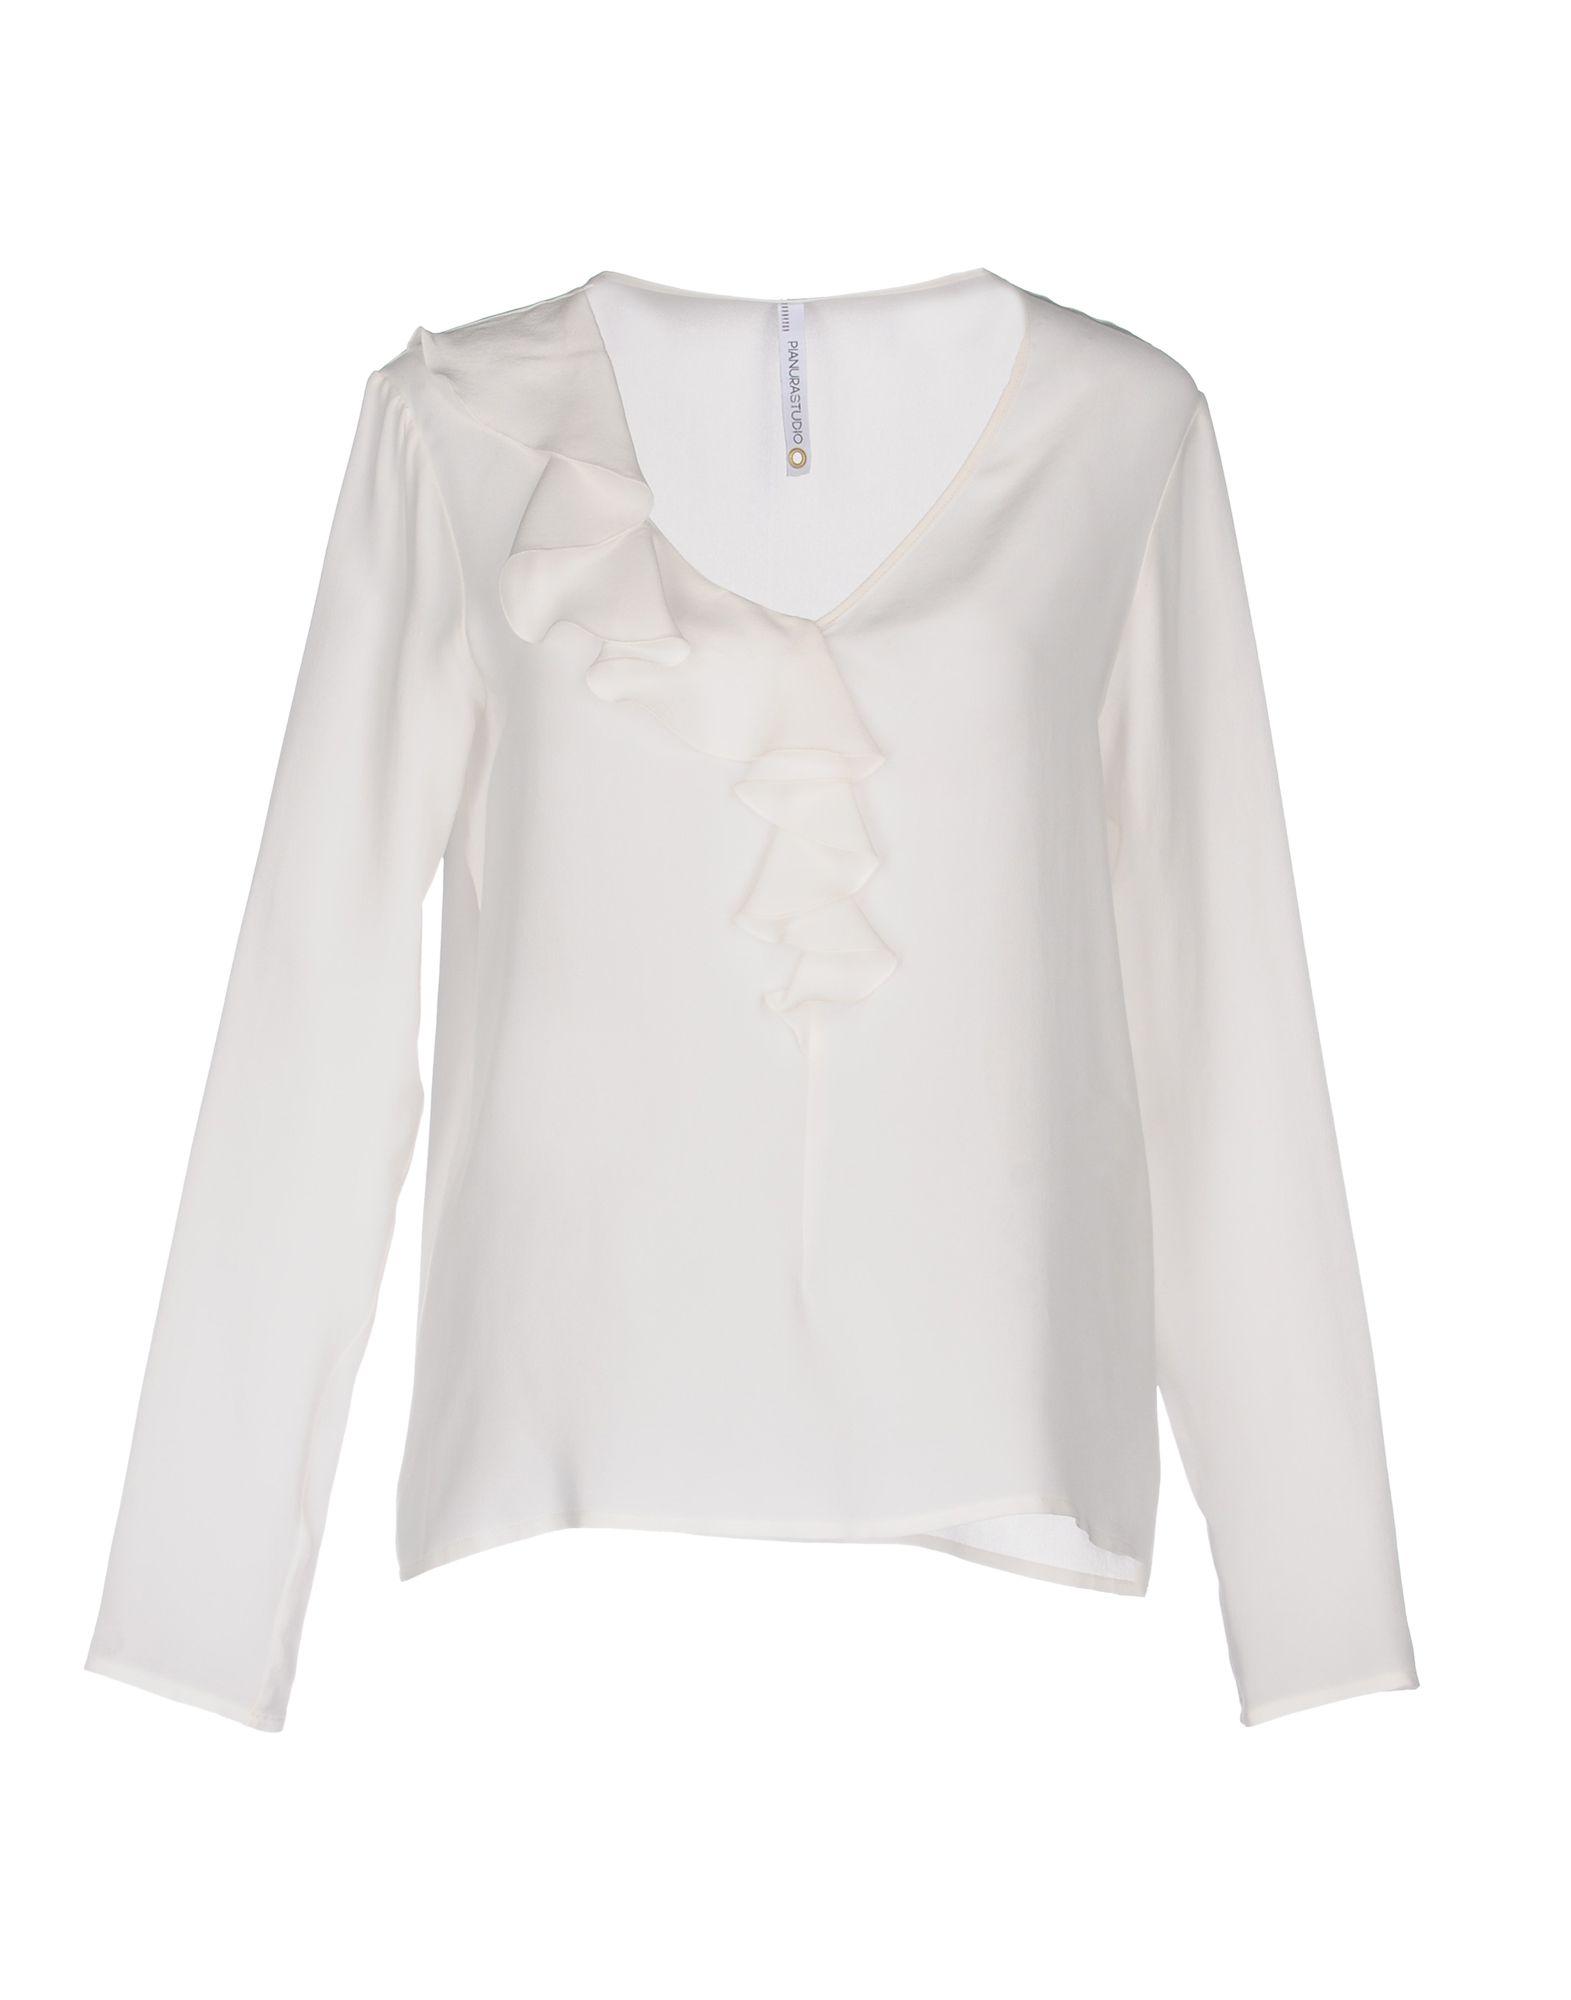 PIANURASTUDIO Damen Bluse Farbe Weiß Größe 7